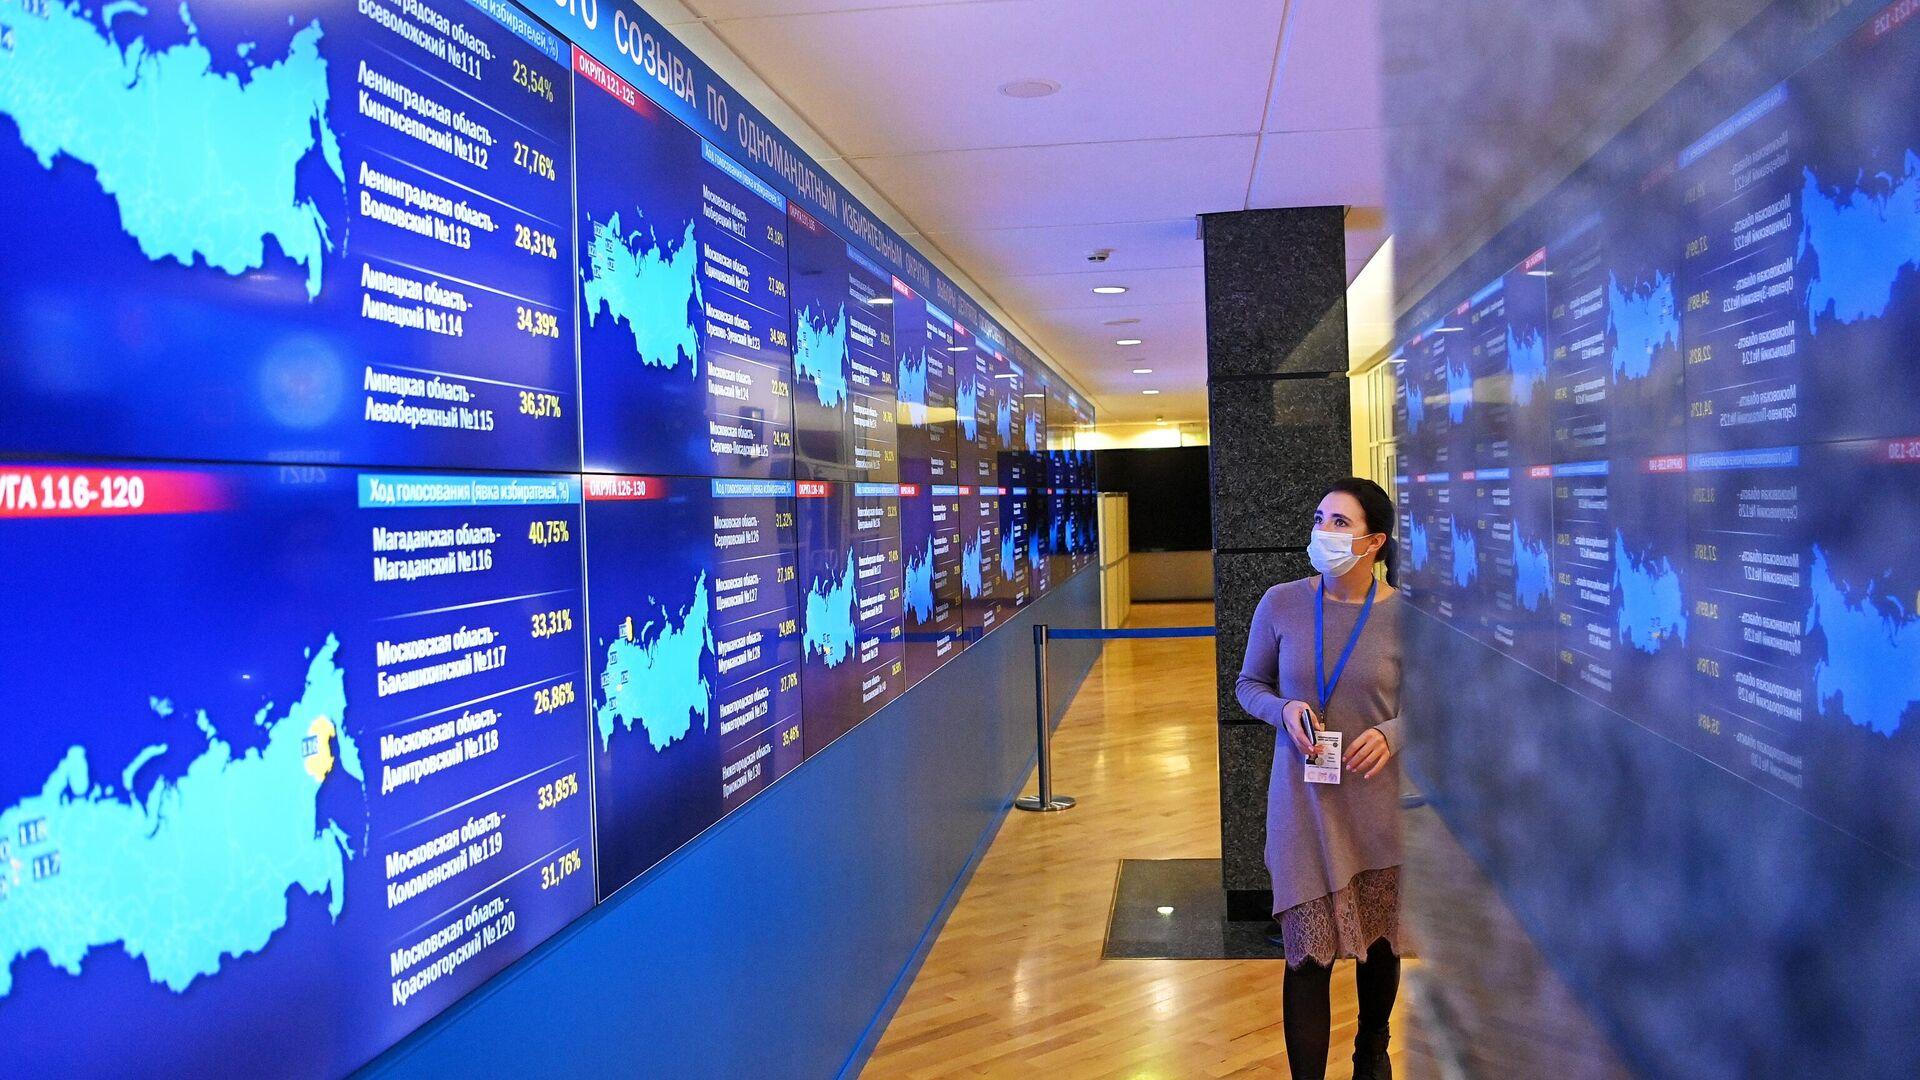 ЦИК признал недействительными 7465 бюллетеней на выборах в Госдуму